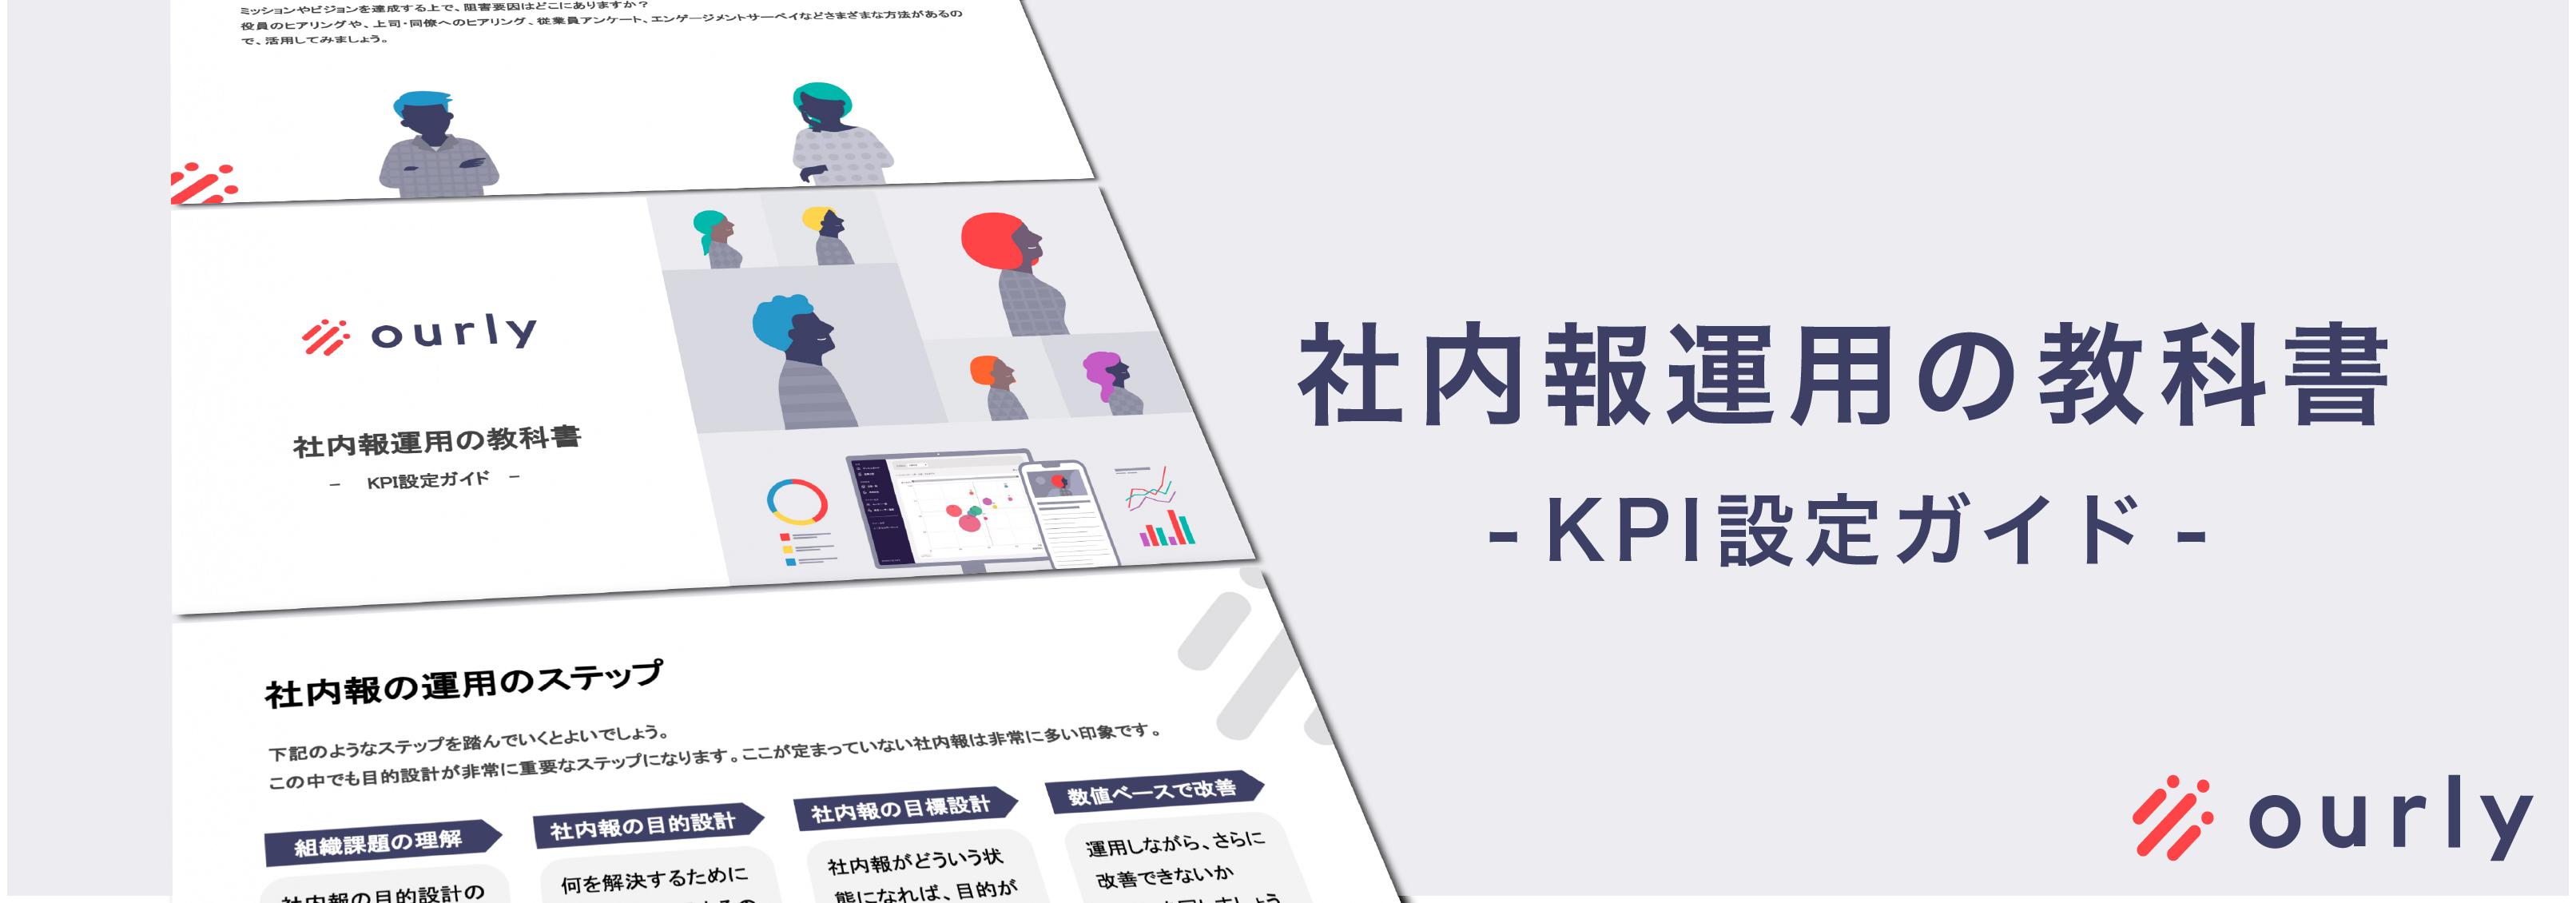 社内報KPI設定ガイド